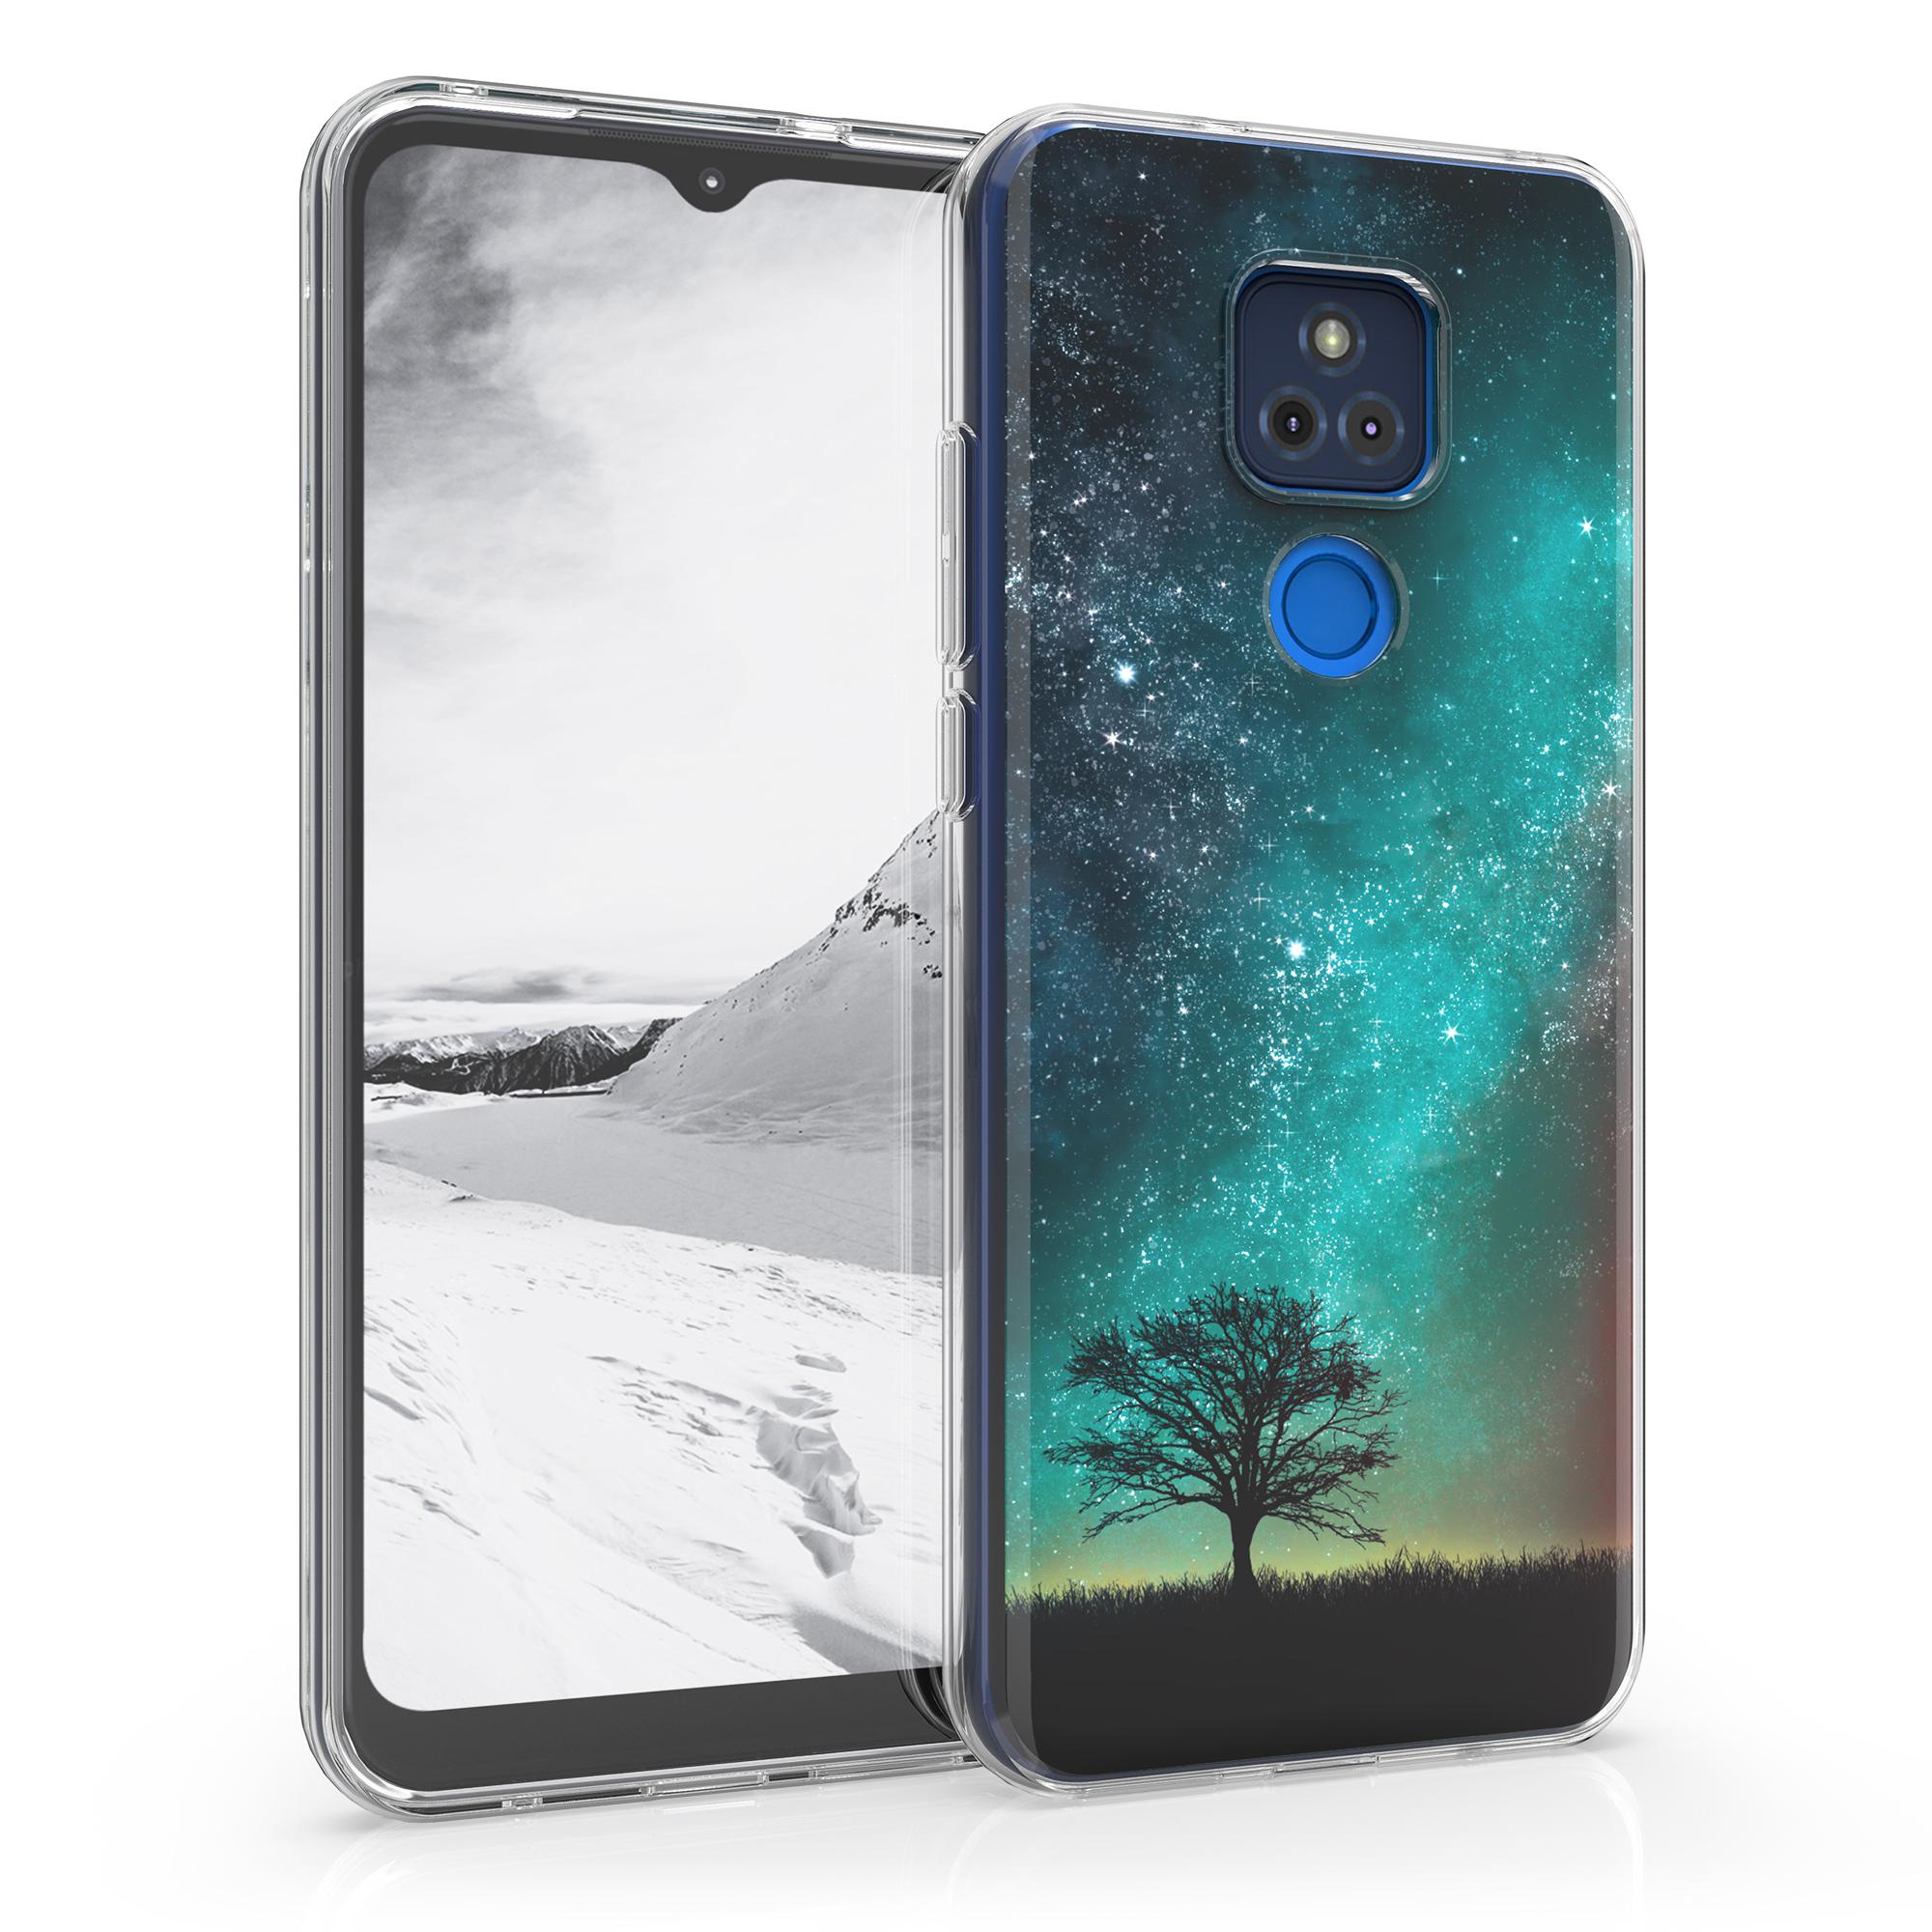 Kvalitní silikonové TPU pouzdro   obal pro Motorola Moto G Play (2021) - Cosmic Nature Modrá / Šedá / Černá